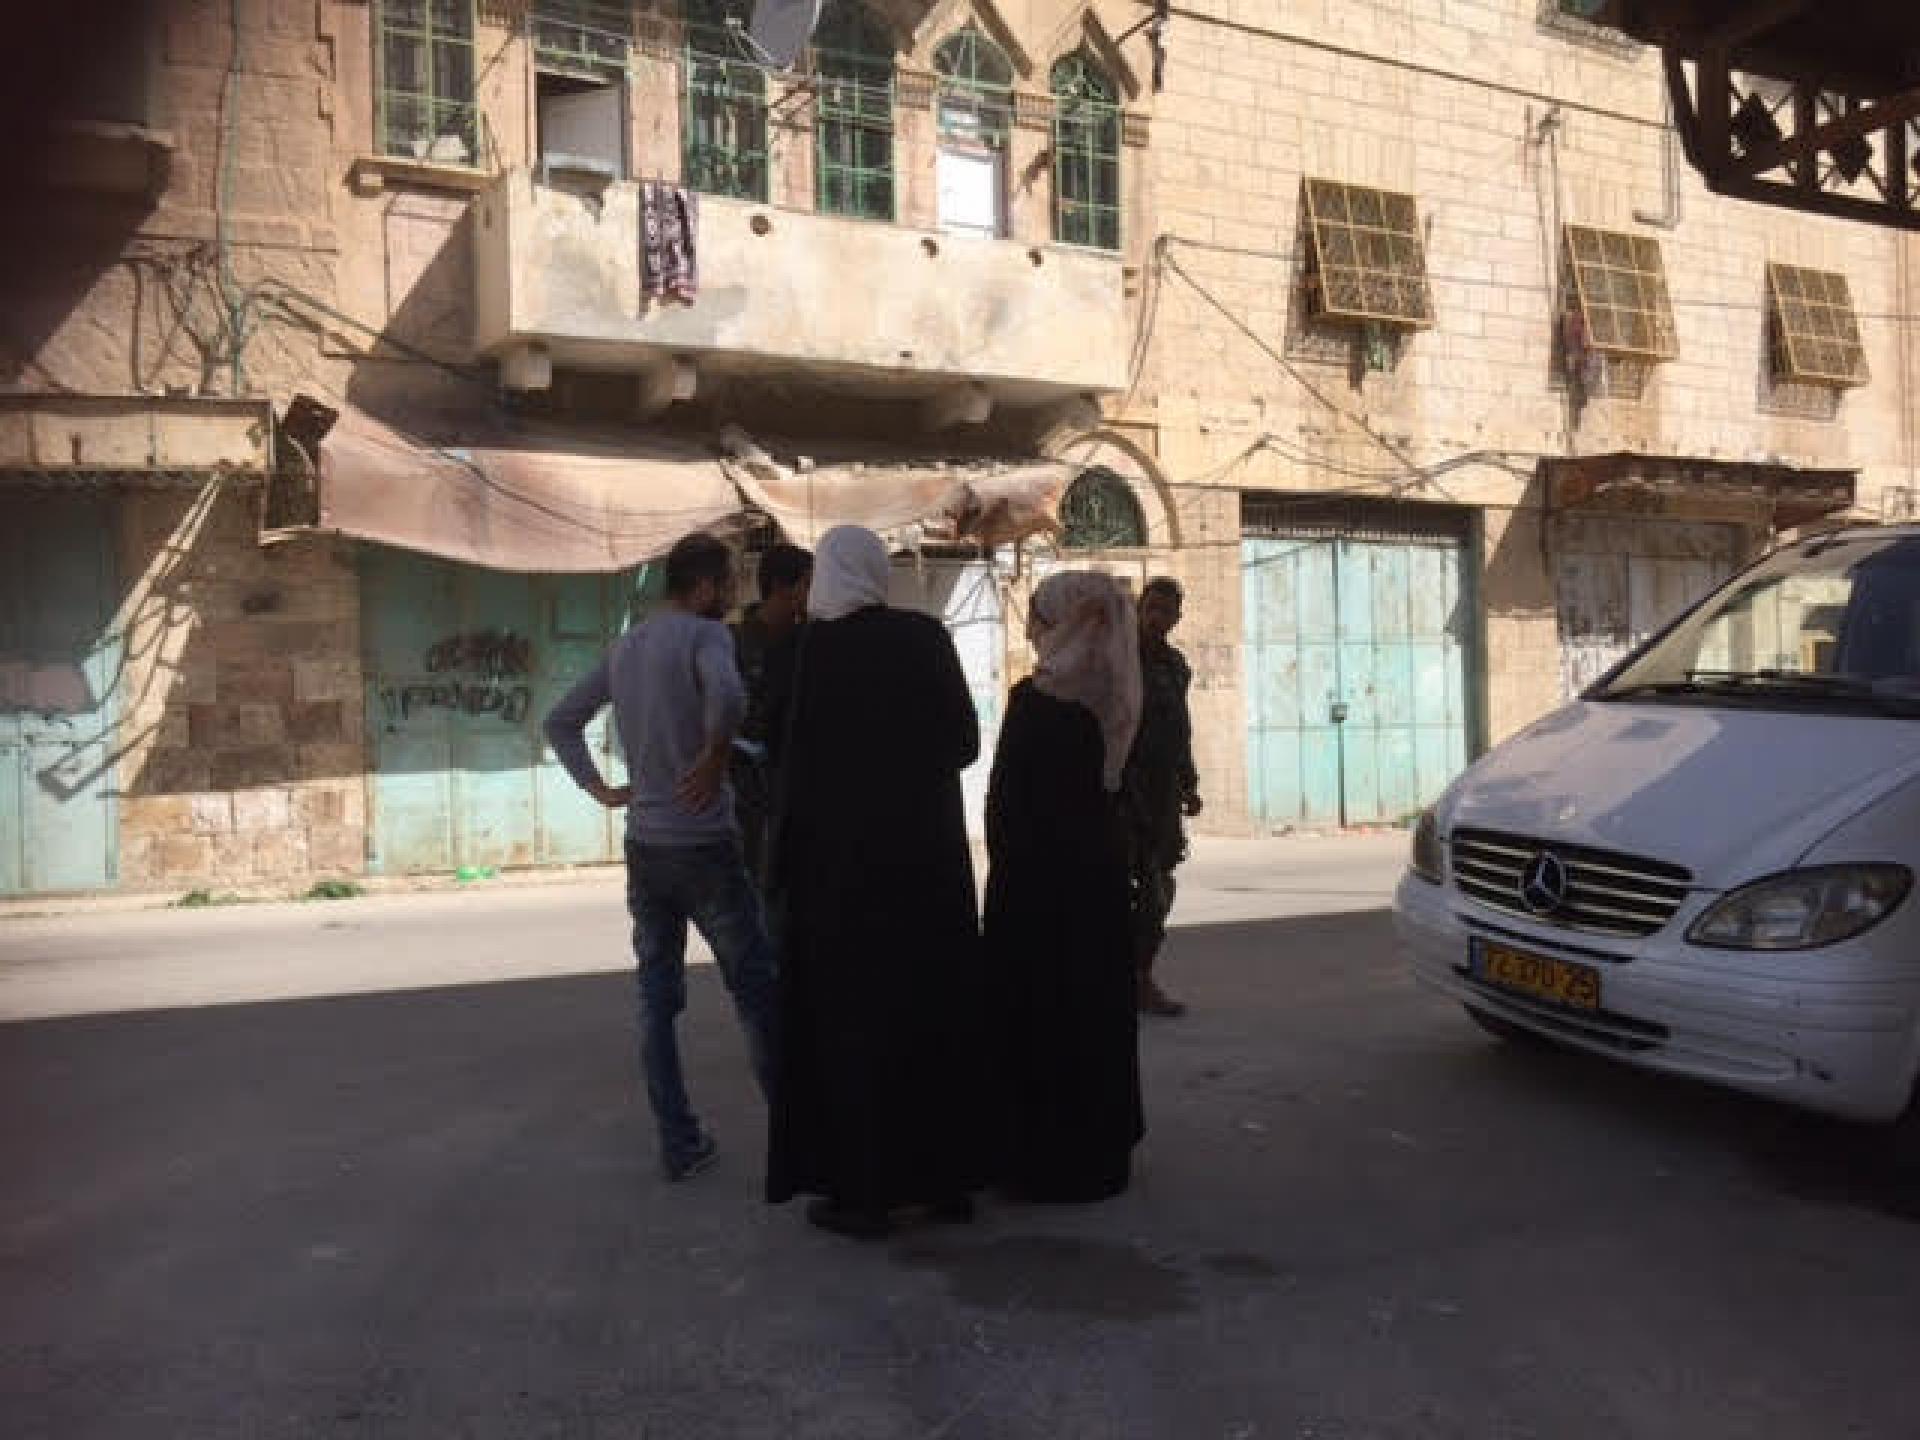 שלושה פלסטינים התבלבלו בדרכם לבית הדין השרעי והחיילים עכבו אותם